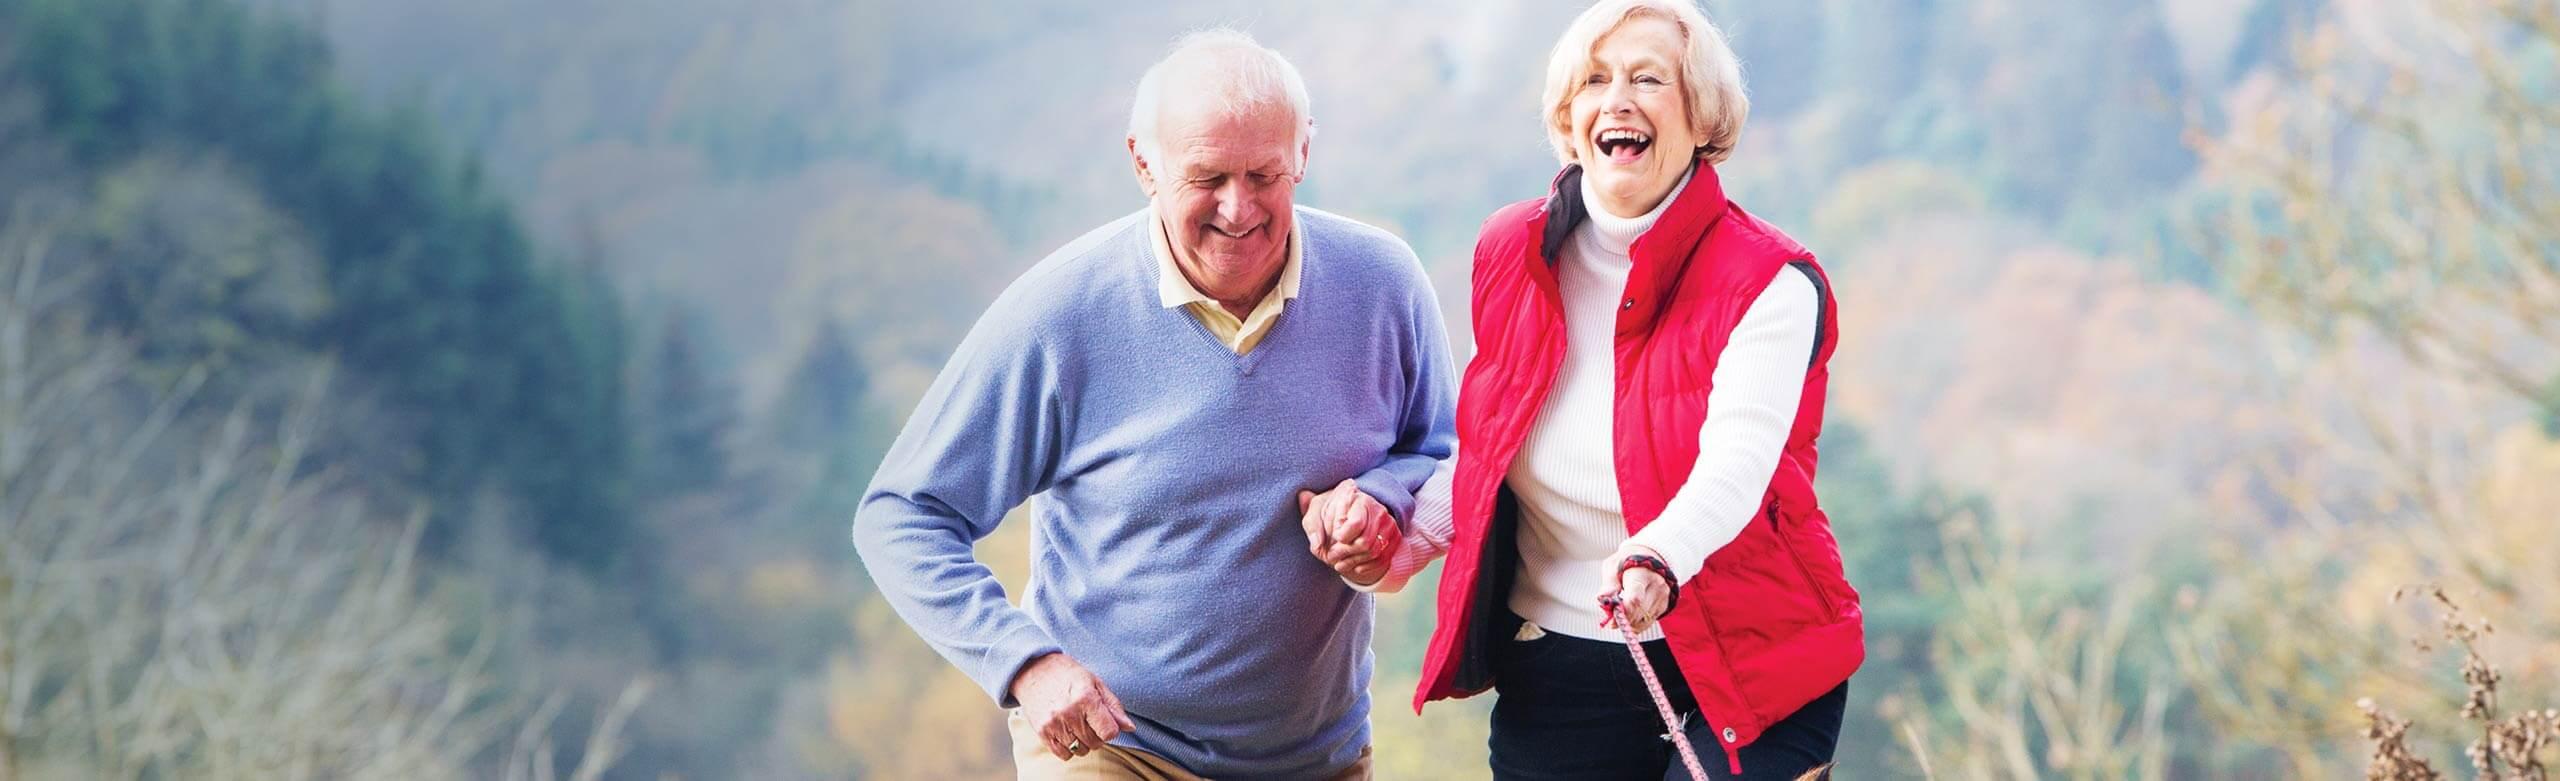 Homem e mulher de mãos dadas andando ao ar livre e rindo